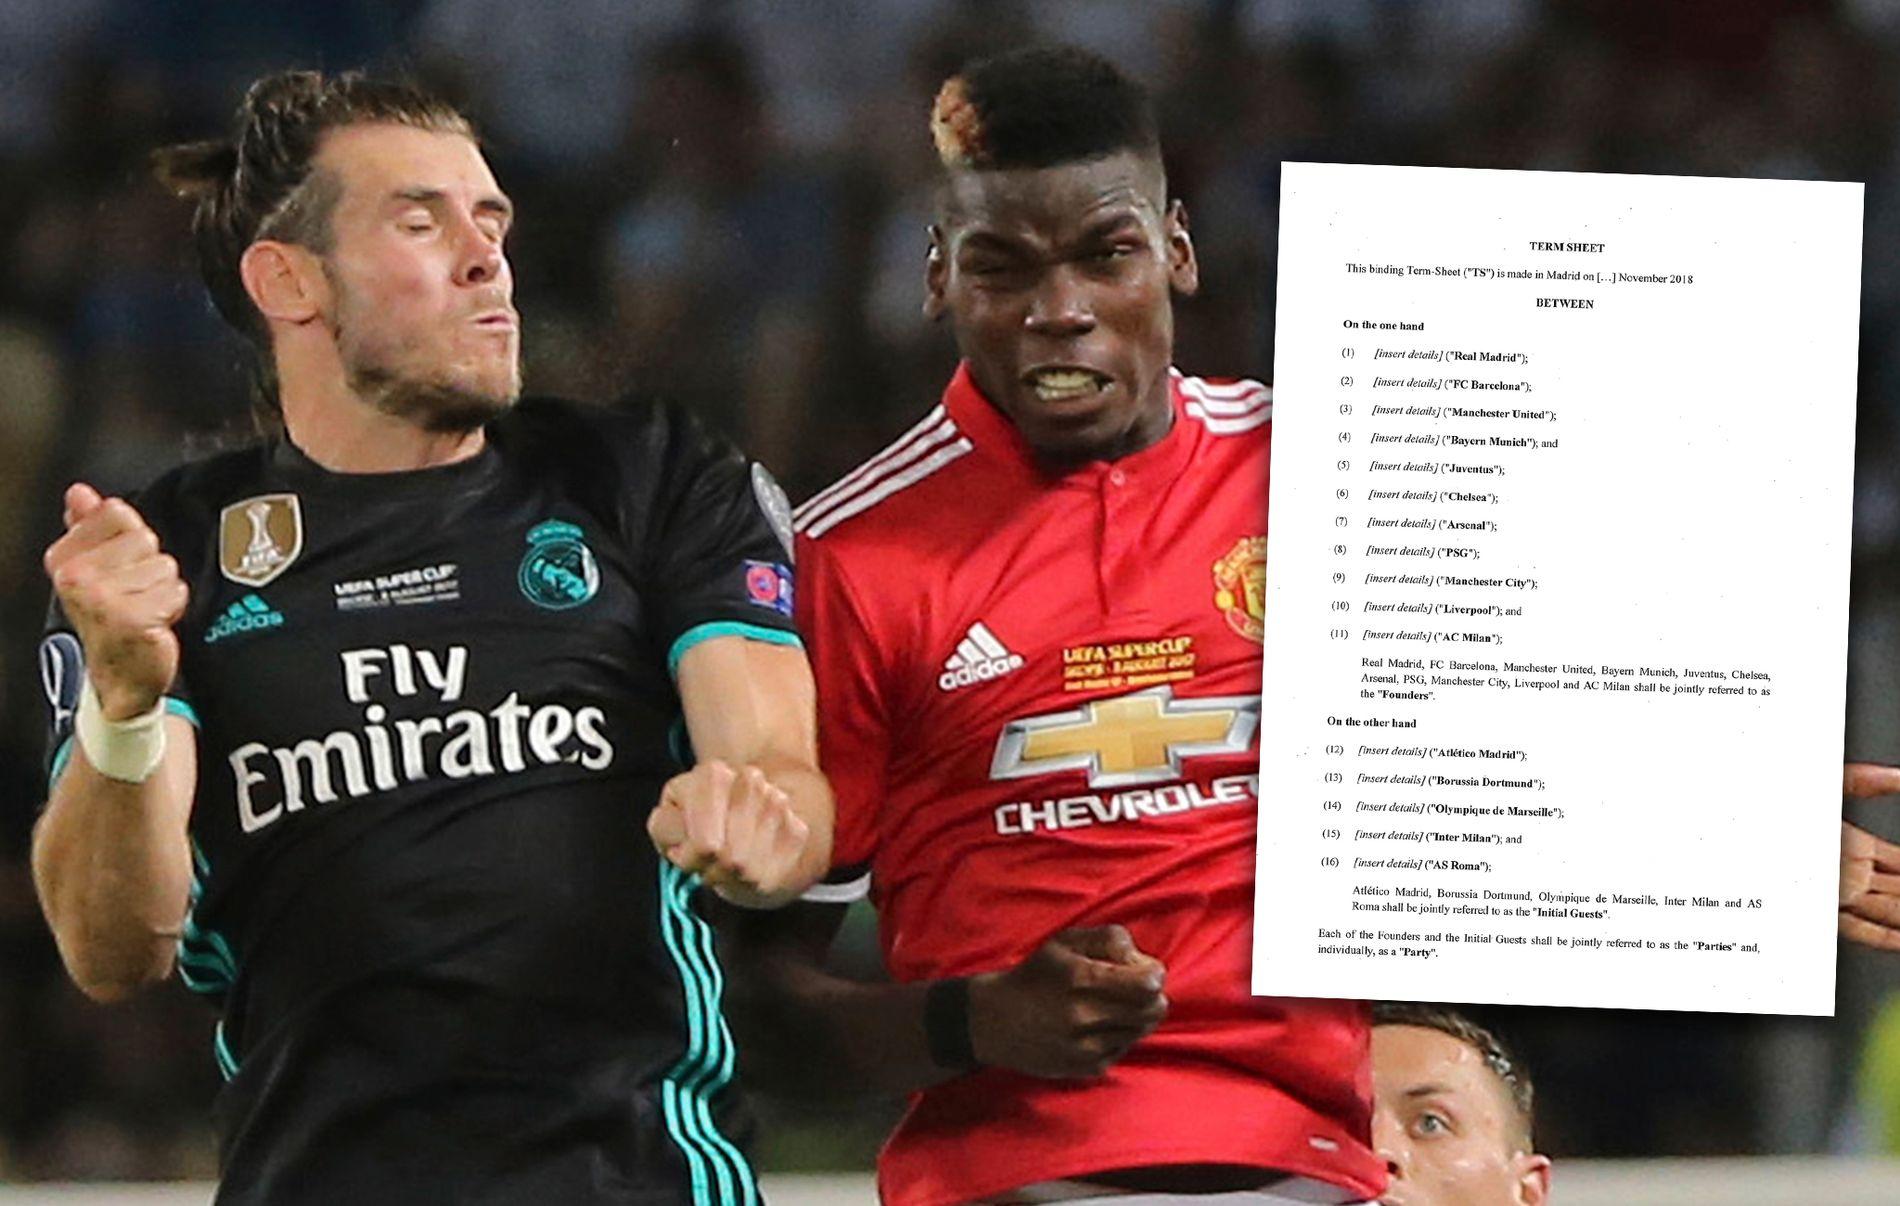 CHAMPIONS LEAGUE TRUET? Gareth Bale og Paul Pogba (t.h.) spiller begge for klubber som er navngitt på det som virker å være et avtaleutkast til en ny europeisk superliga.